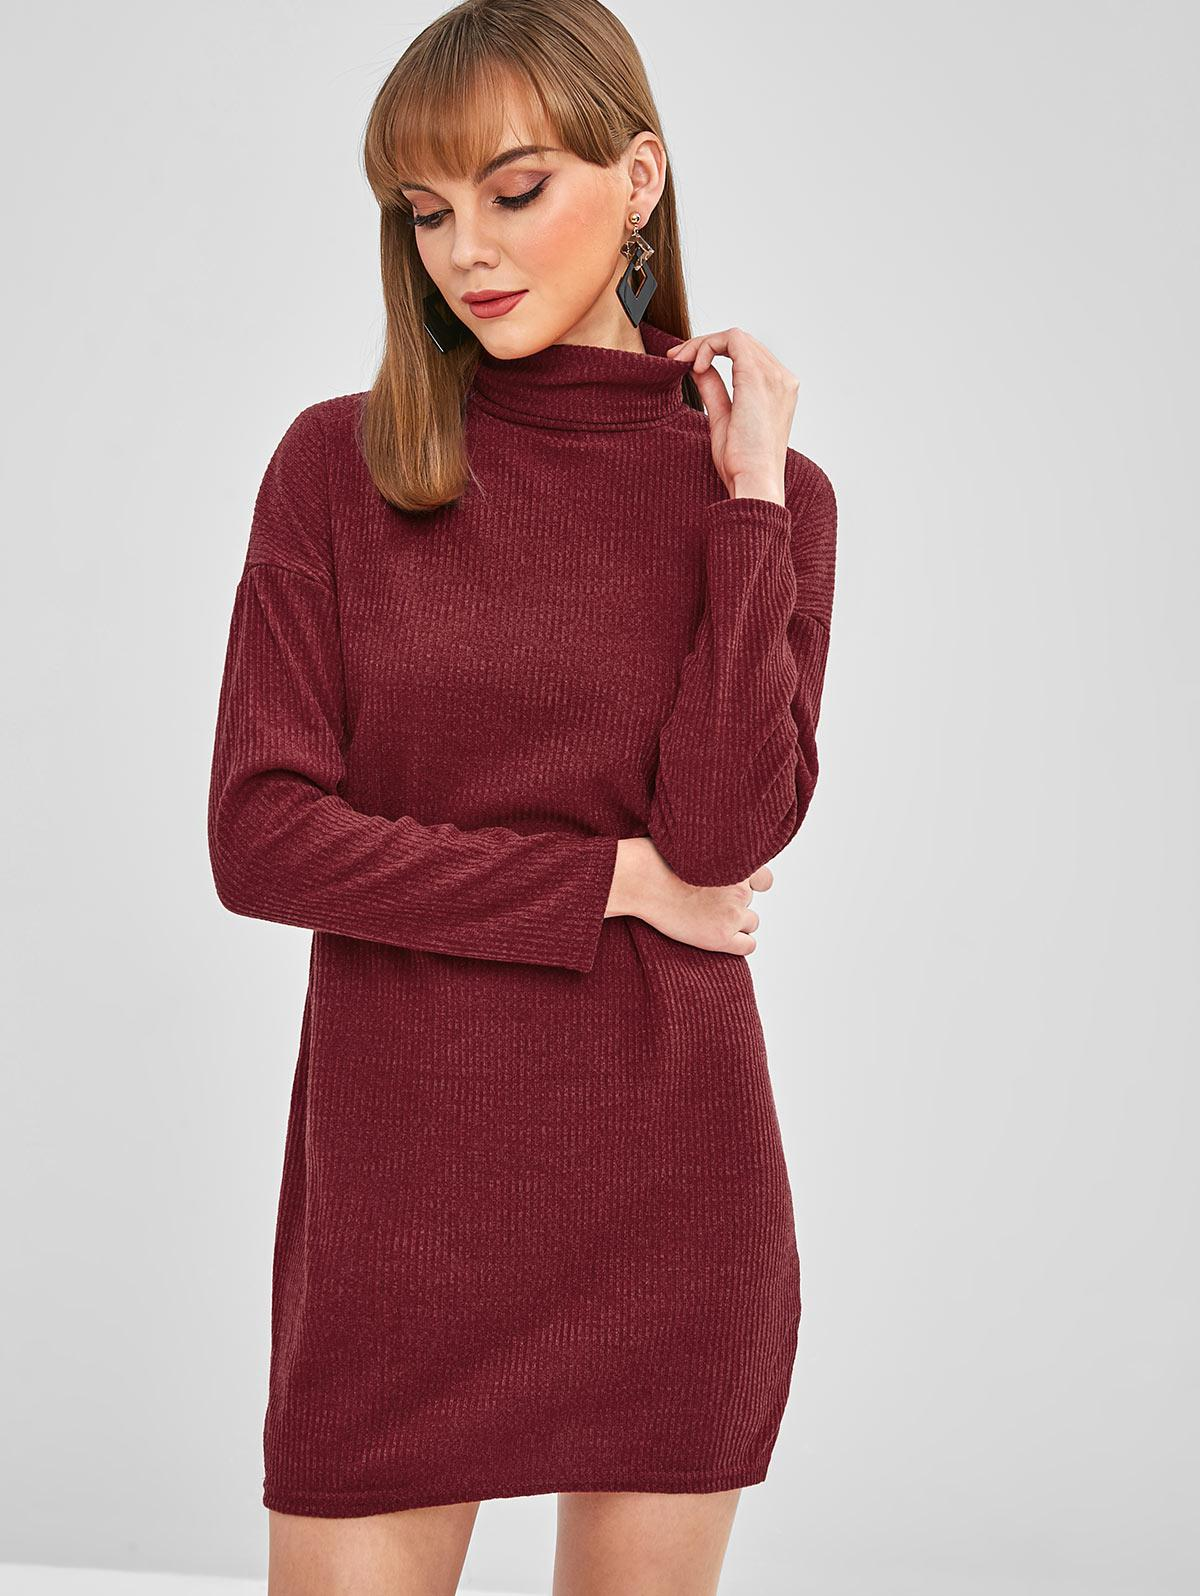 Drop Shoulder Turtleneck Ribbed Knit Dress